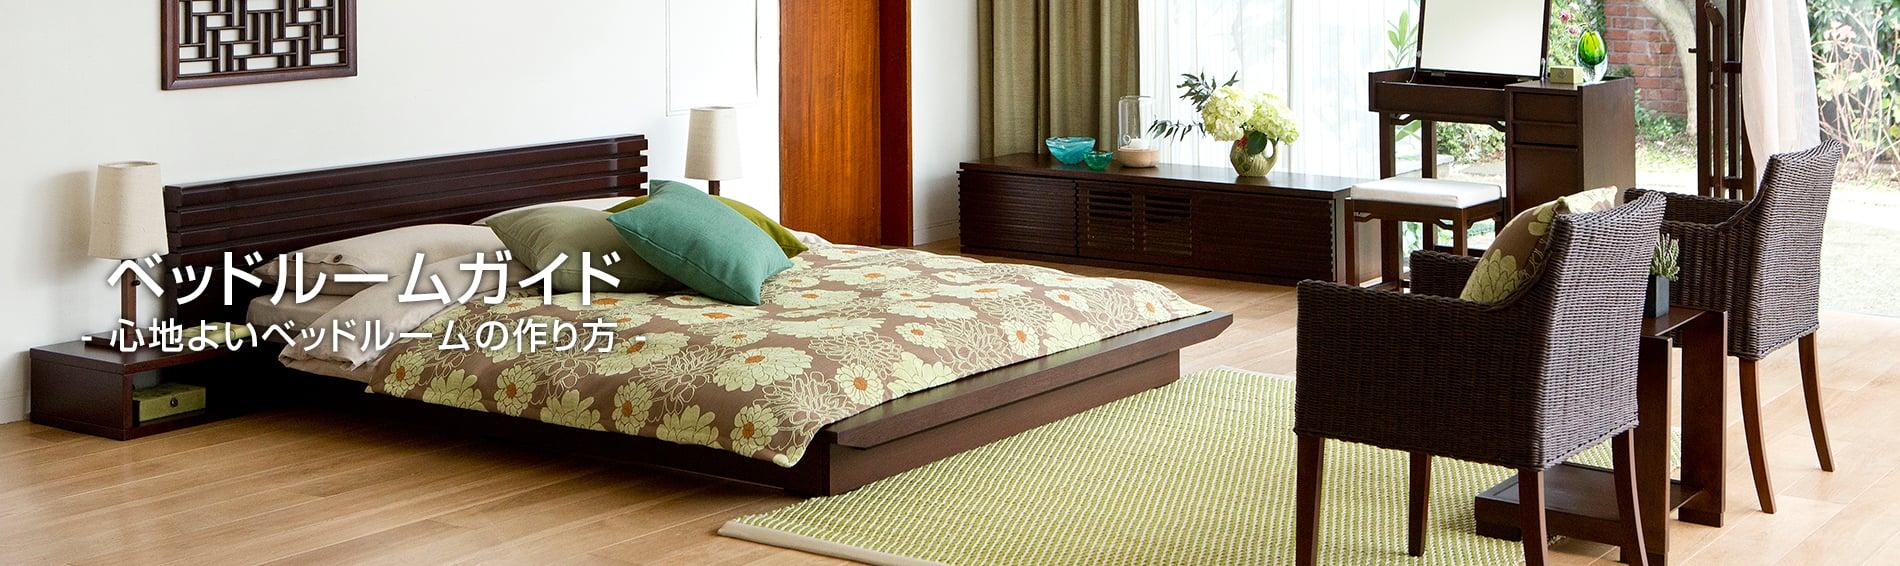 ベッドルームガイド- 心地よいベッドルームの作り方ガイド -